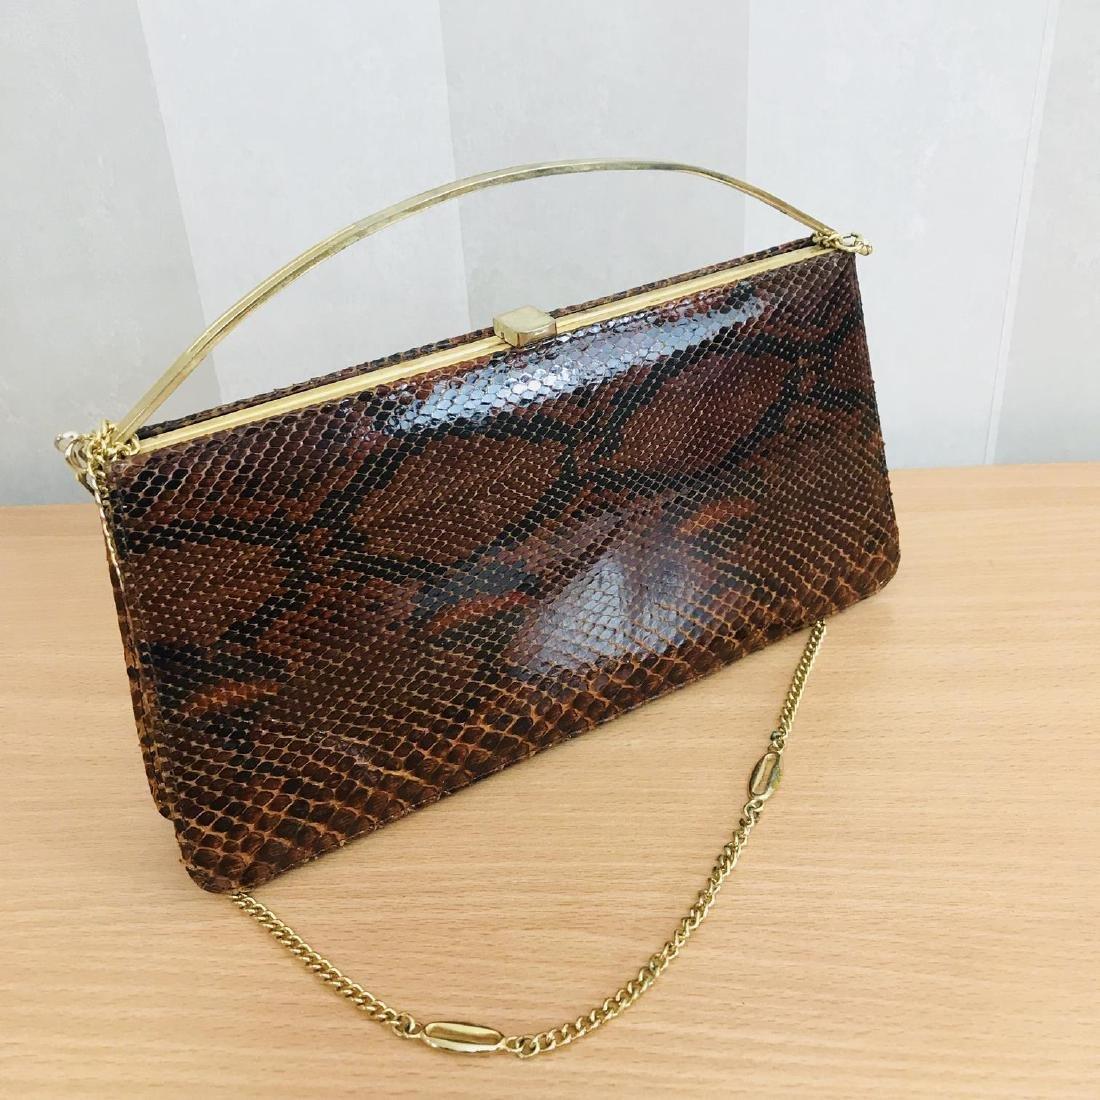 Vintage Genuine Snake Skin Leather Clutch Bag Handbag - 6